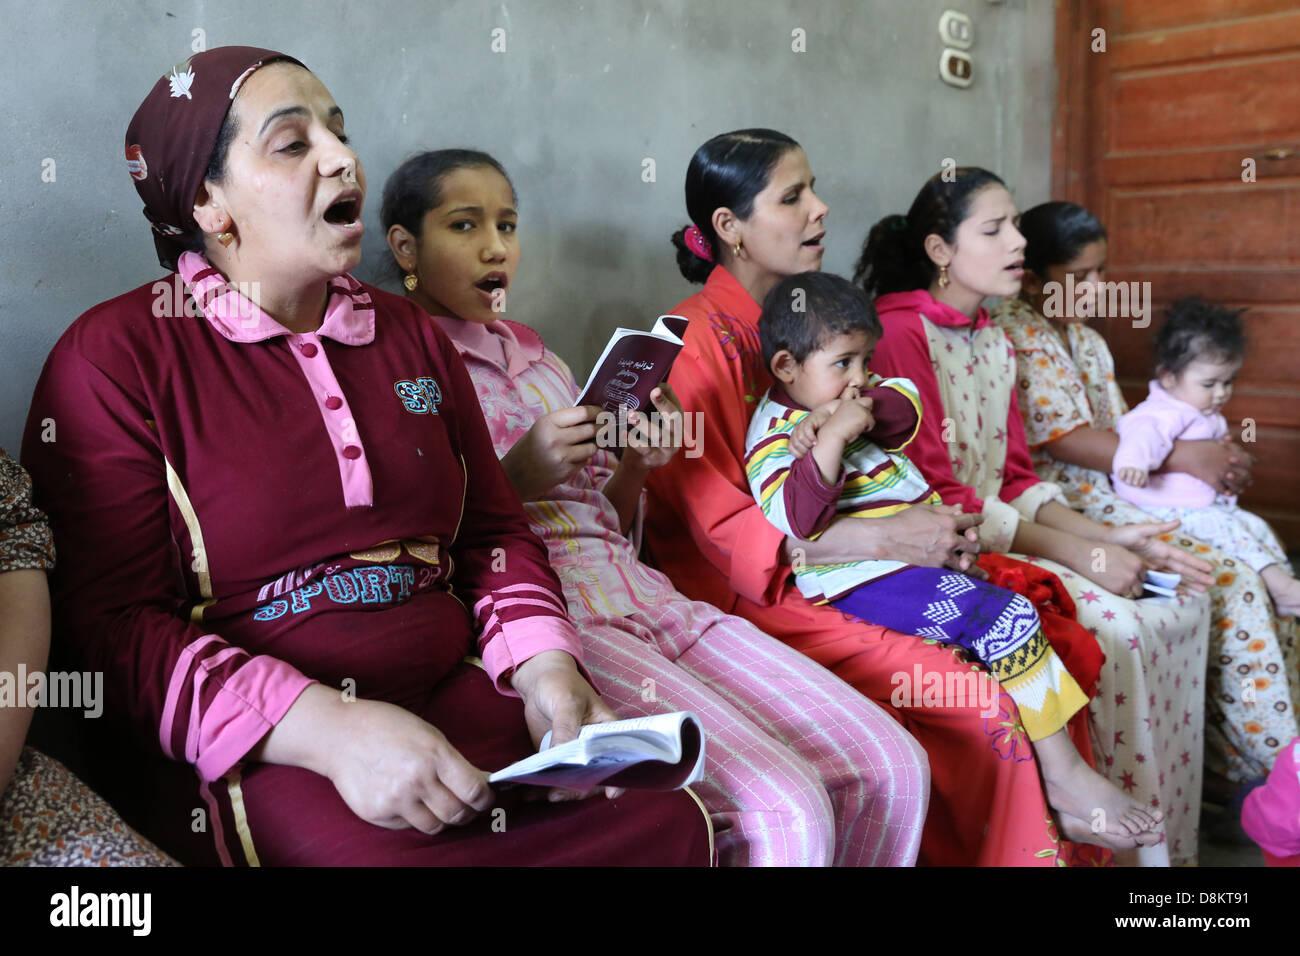 Egipto copto católico-cristiano, la educación religiosa, gente cantando canciones cristianas en un hogar Imagen De Stock